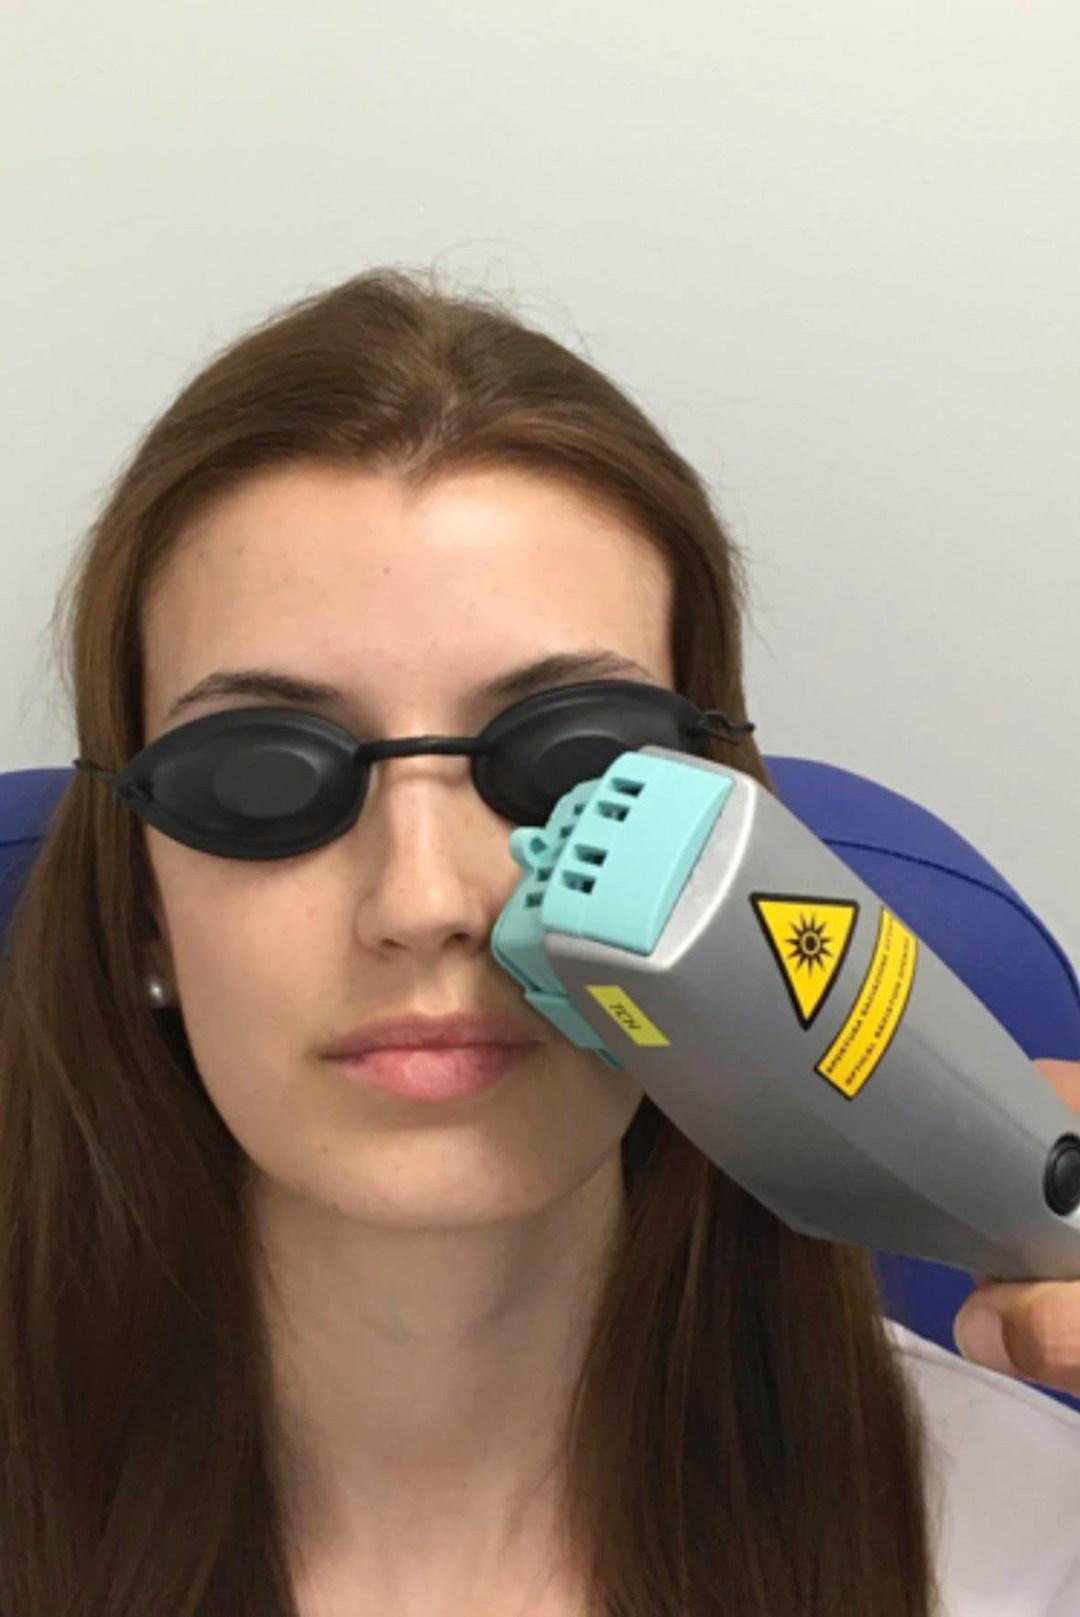 Tratamientos con luz pulsada IPL y LLLT. Enfermedades y tratamientos para los problemas oculares por el Instituto Oftalmológico Recoletas.